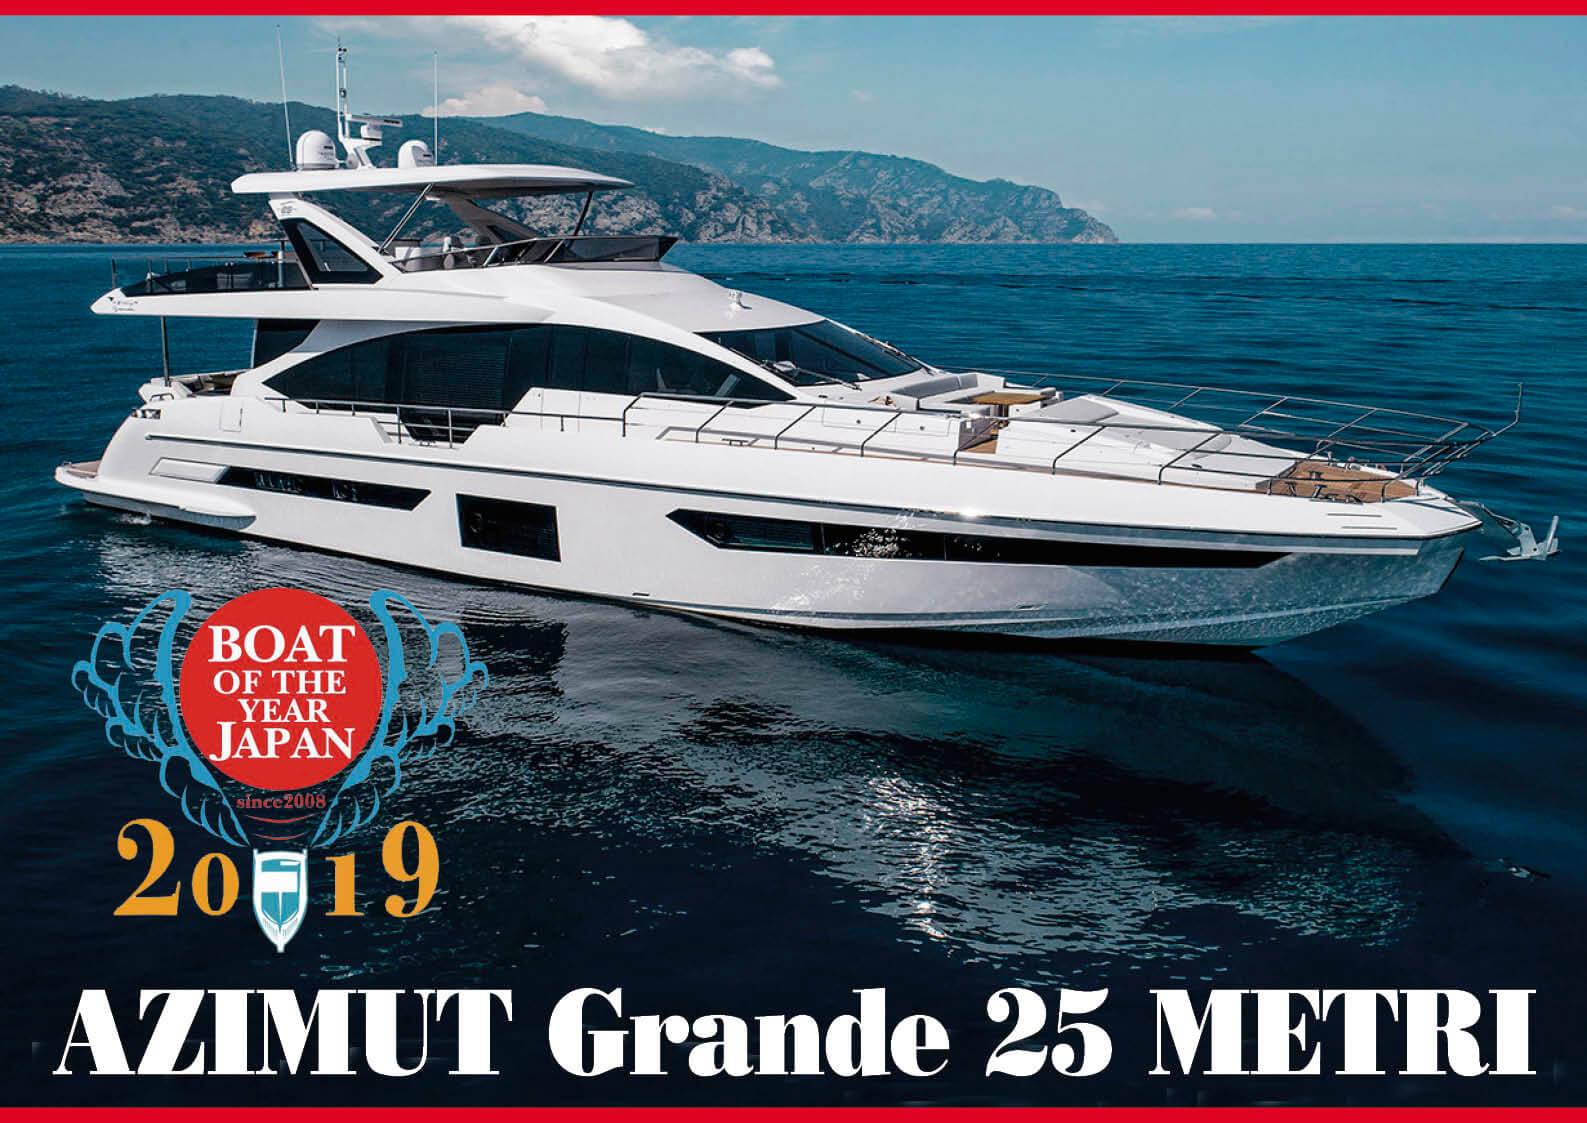 2019年に発売された最も優れた船 ボート・オブ・ザ・イヤー2019 大賞は「AZIMUT Grande 25 METRI」 ジェットスキー(水上バイク)